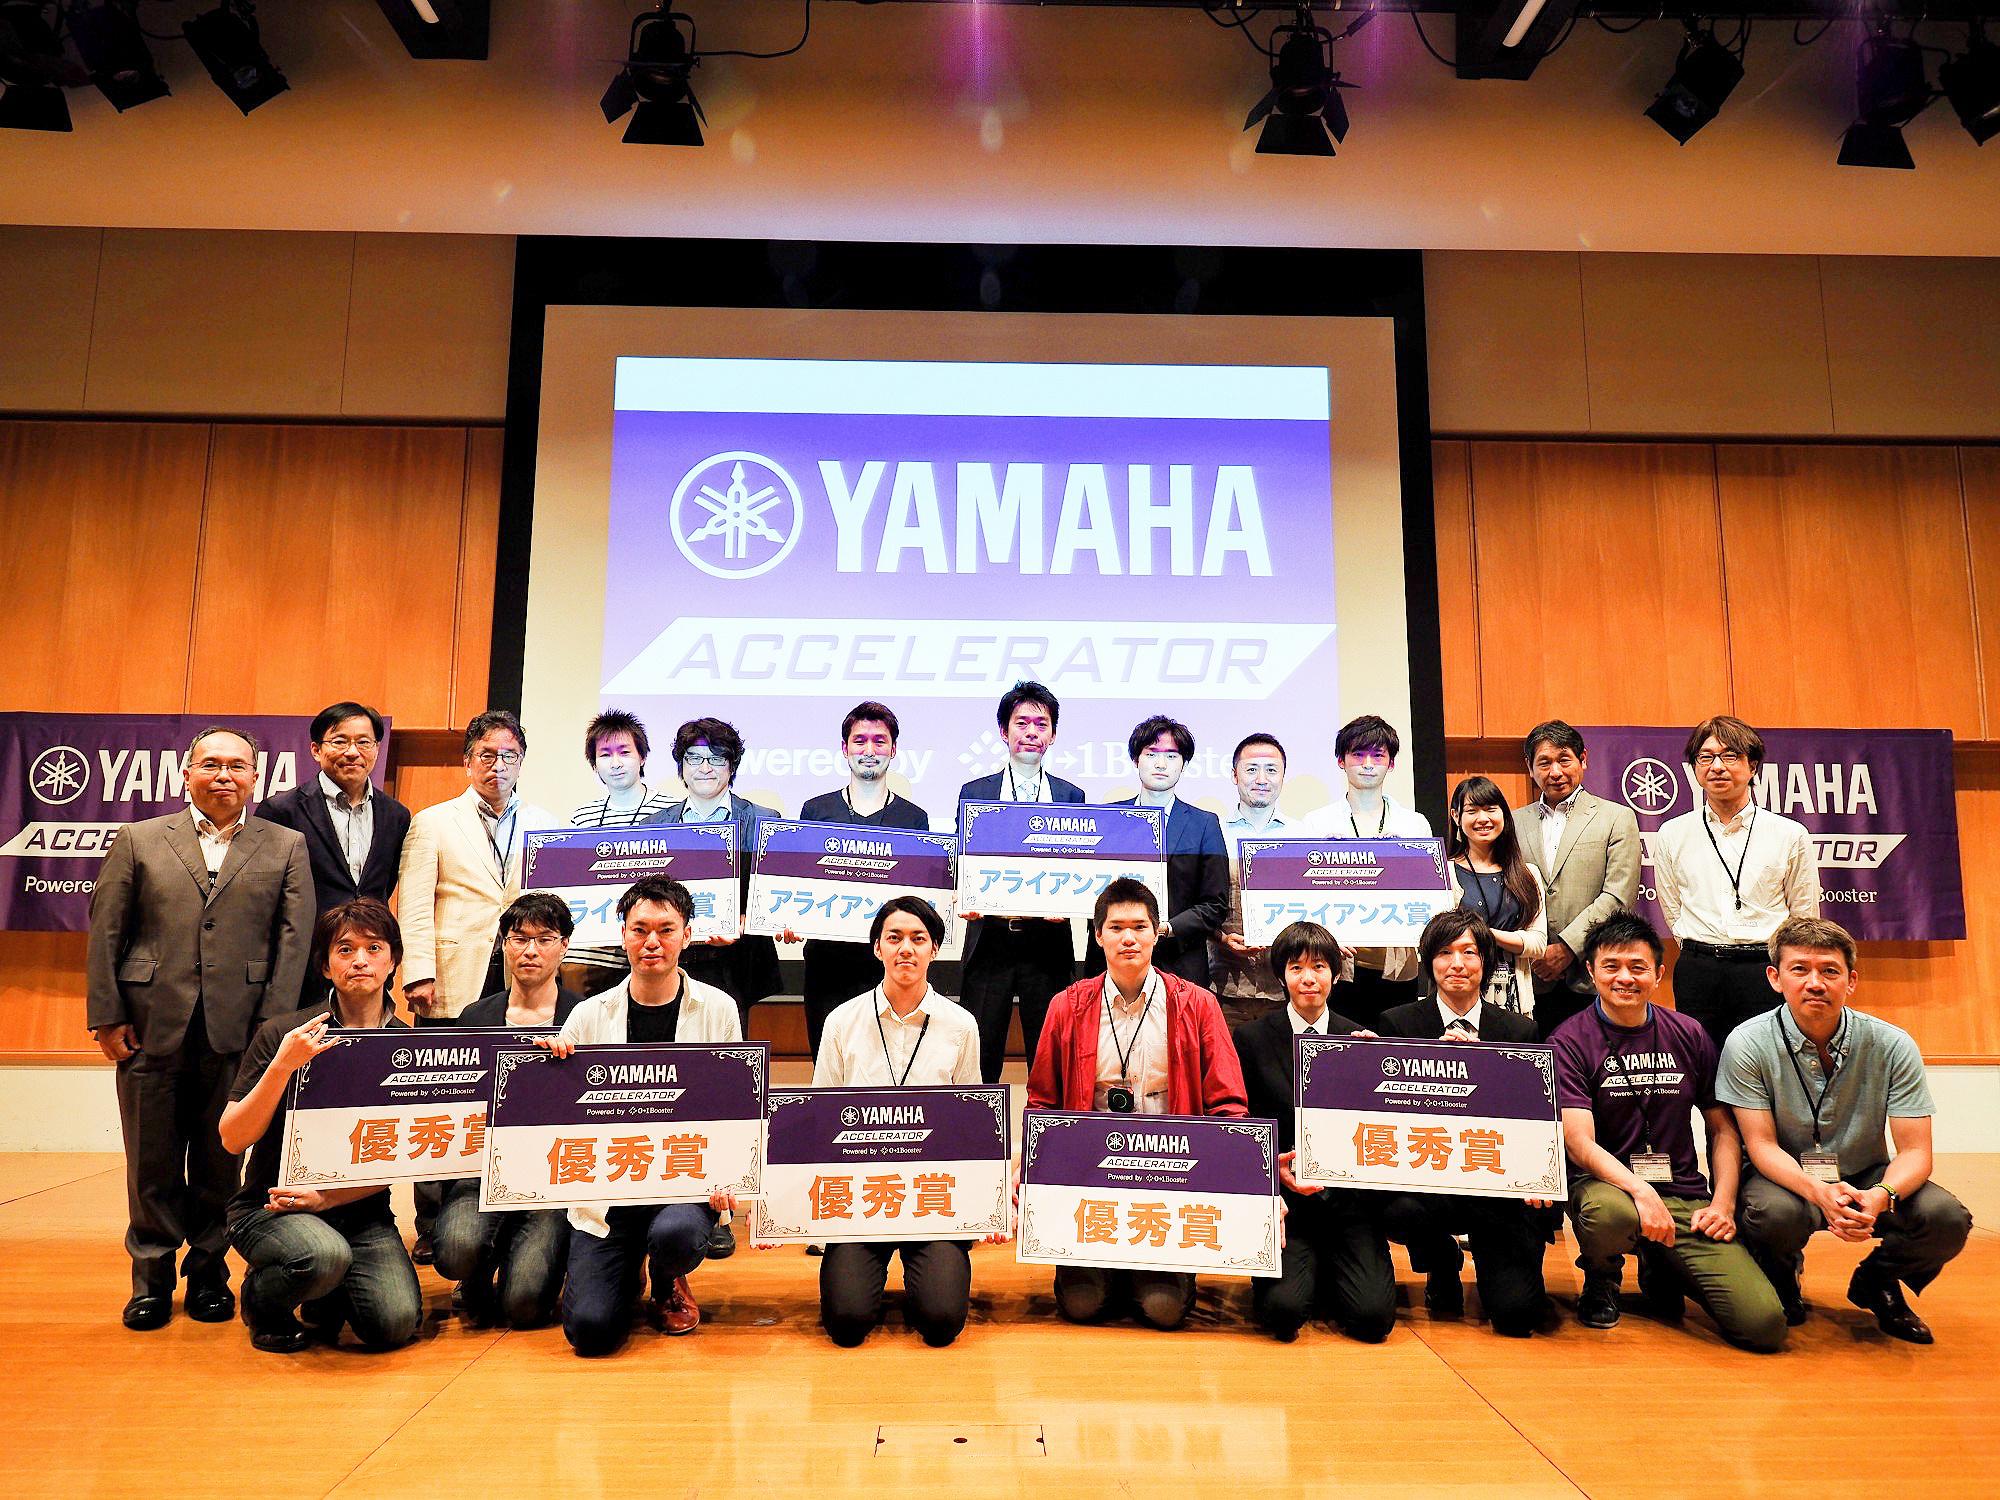 20170713-yamaha-accelerator-01